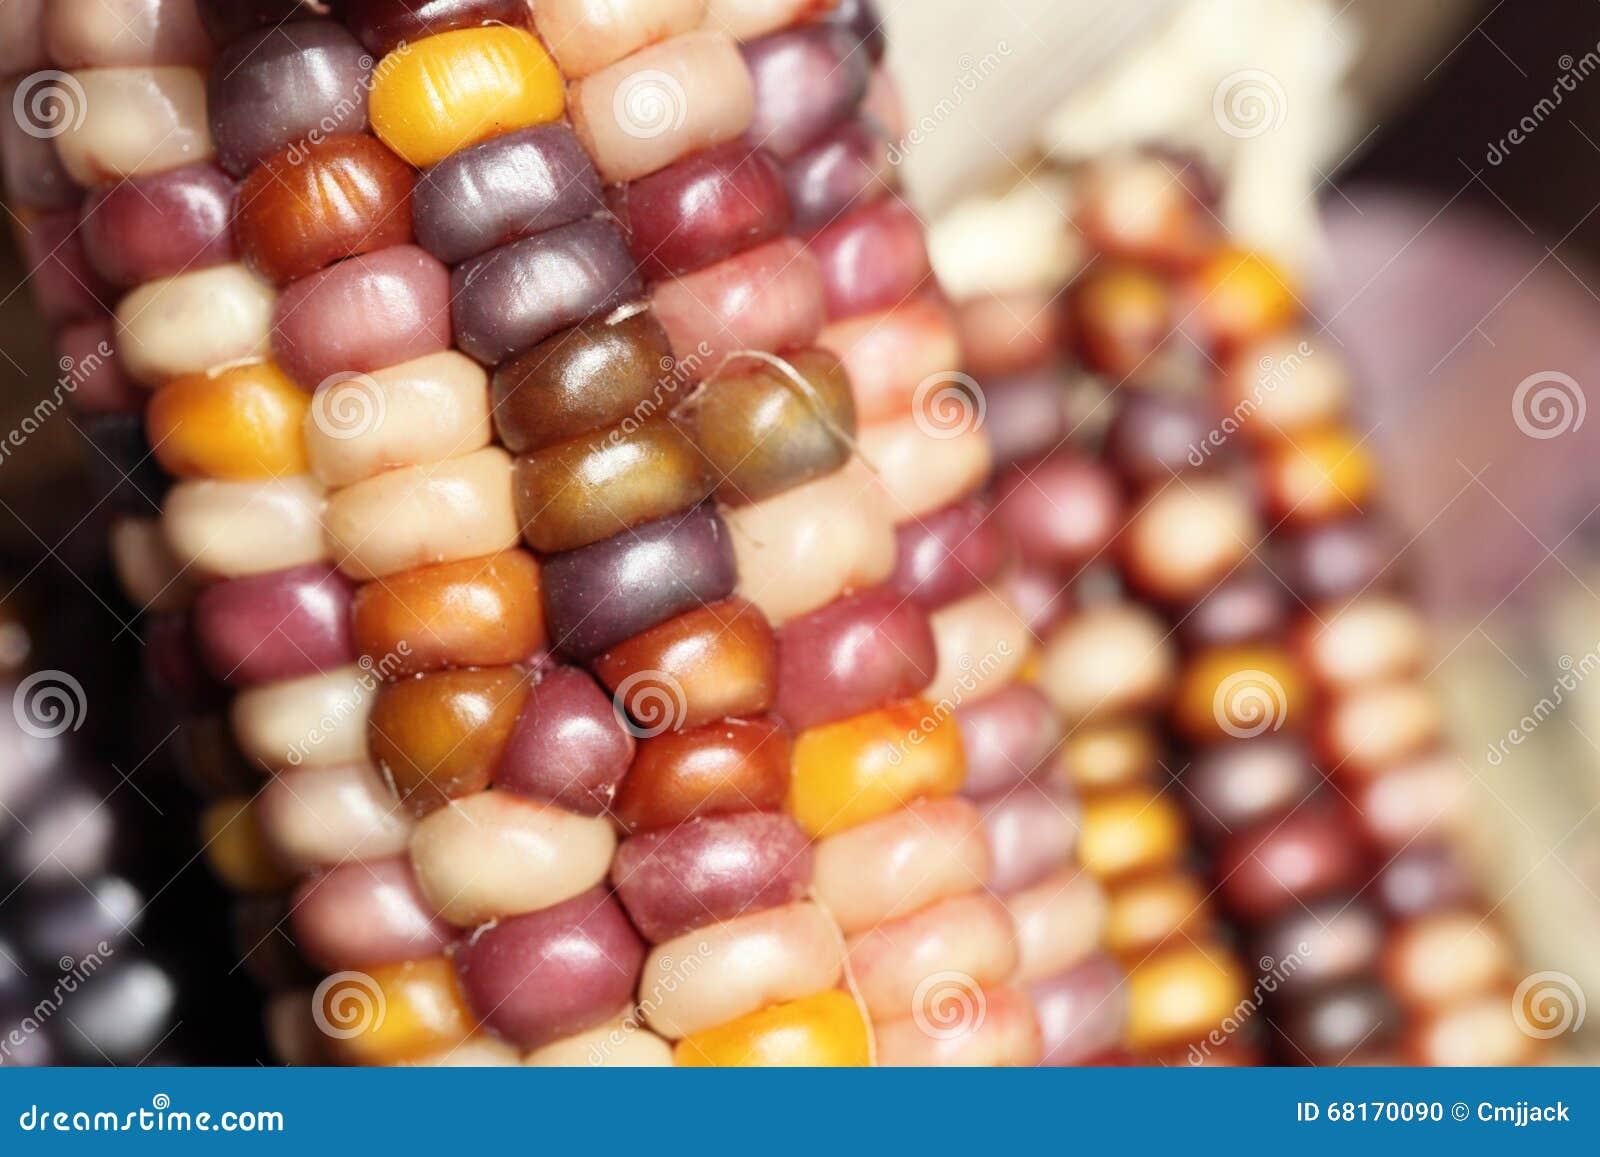 Close-up van kleurrijke droge Maïs als decoratie